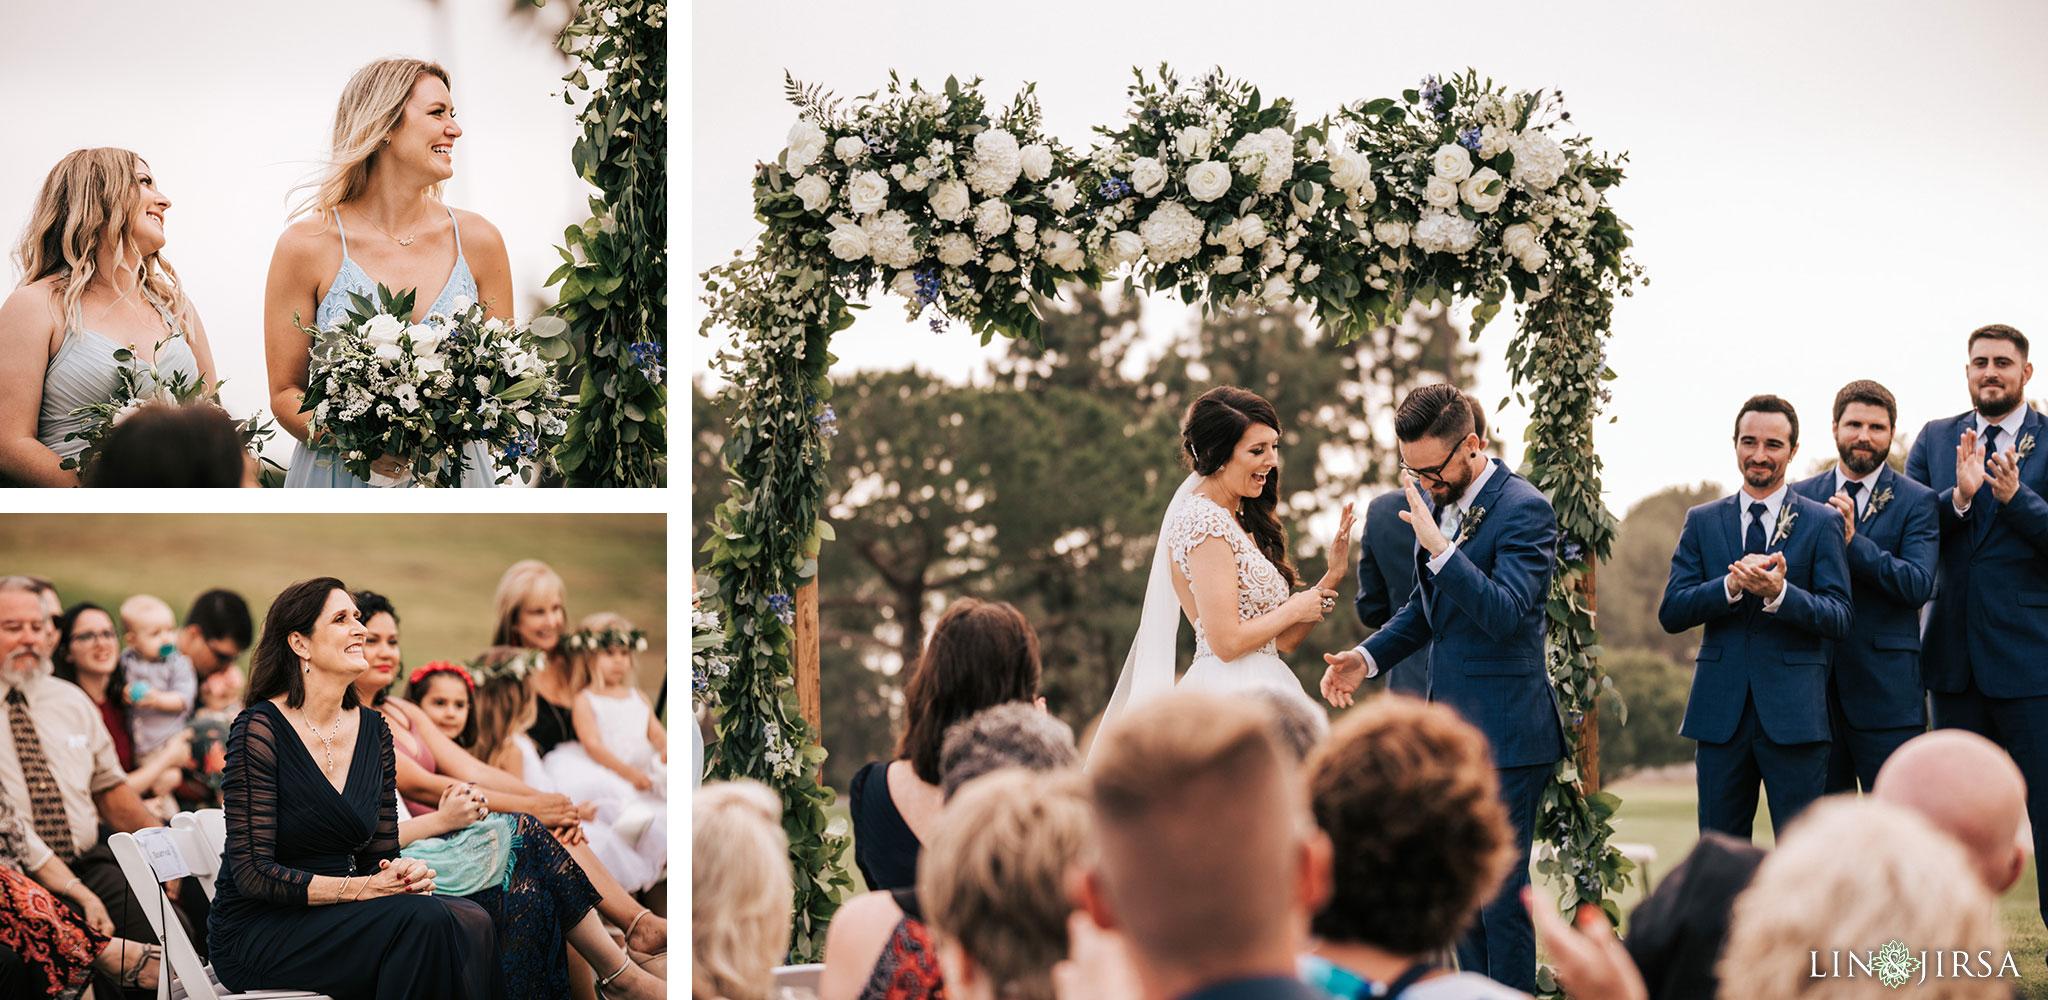 029 los verdes golf course wedding ceremony photography